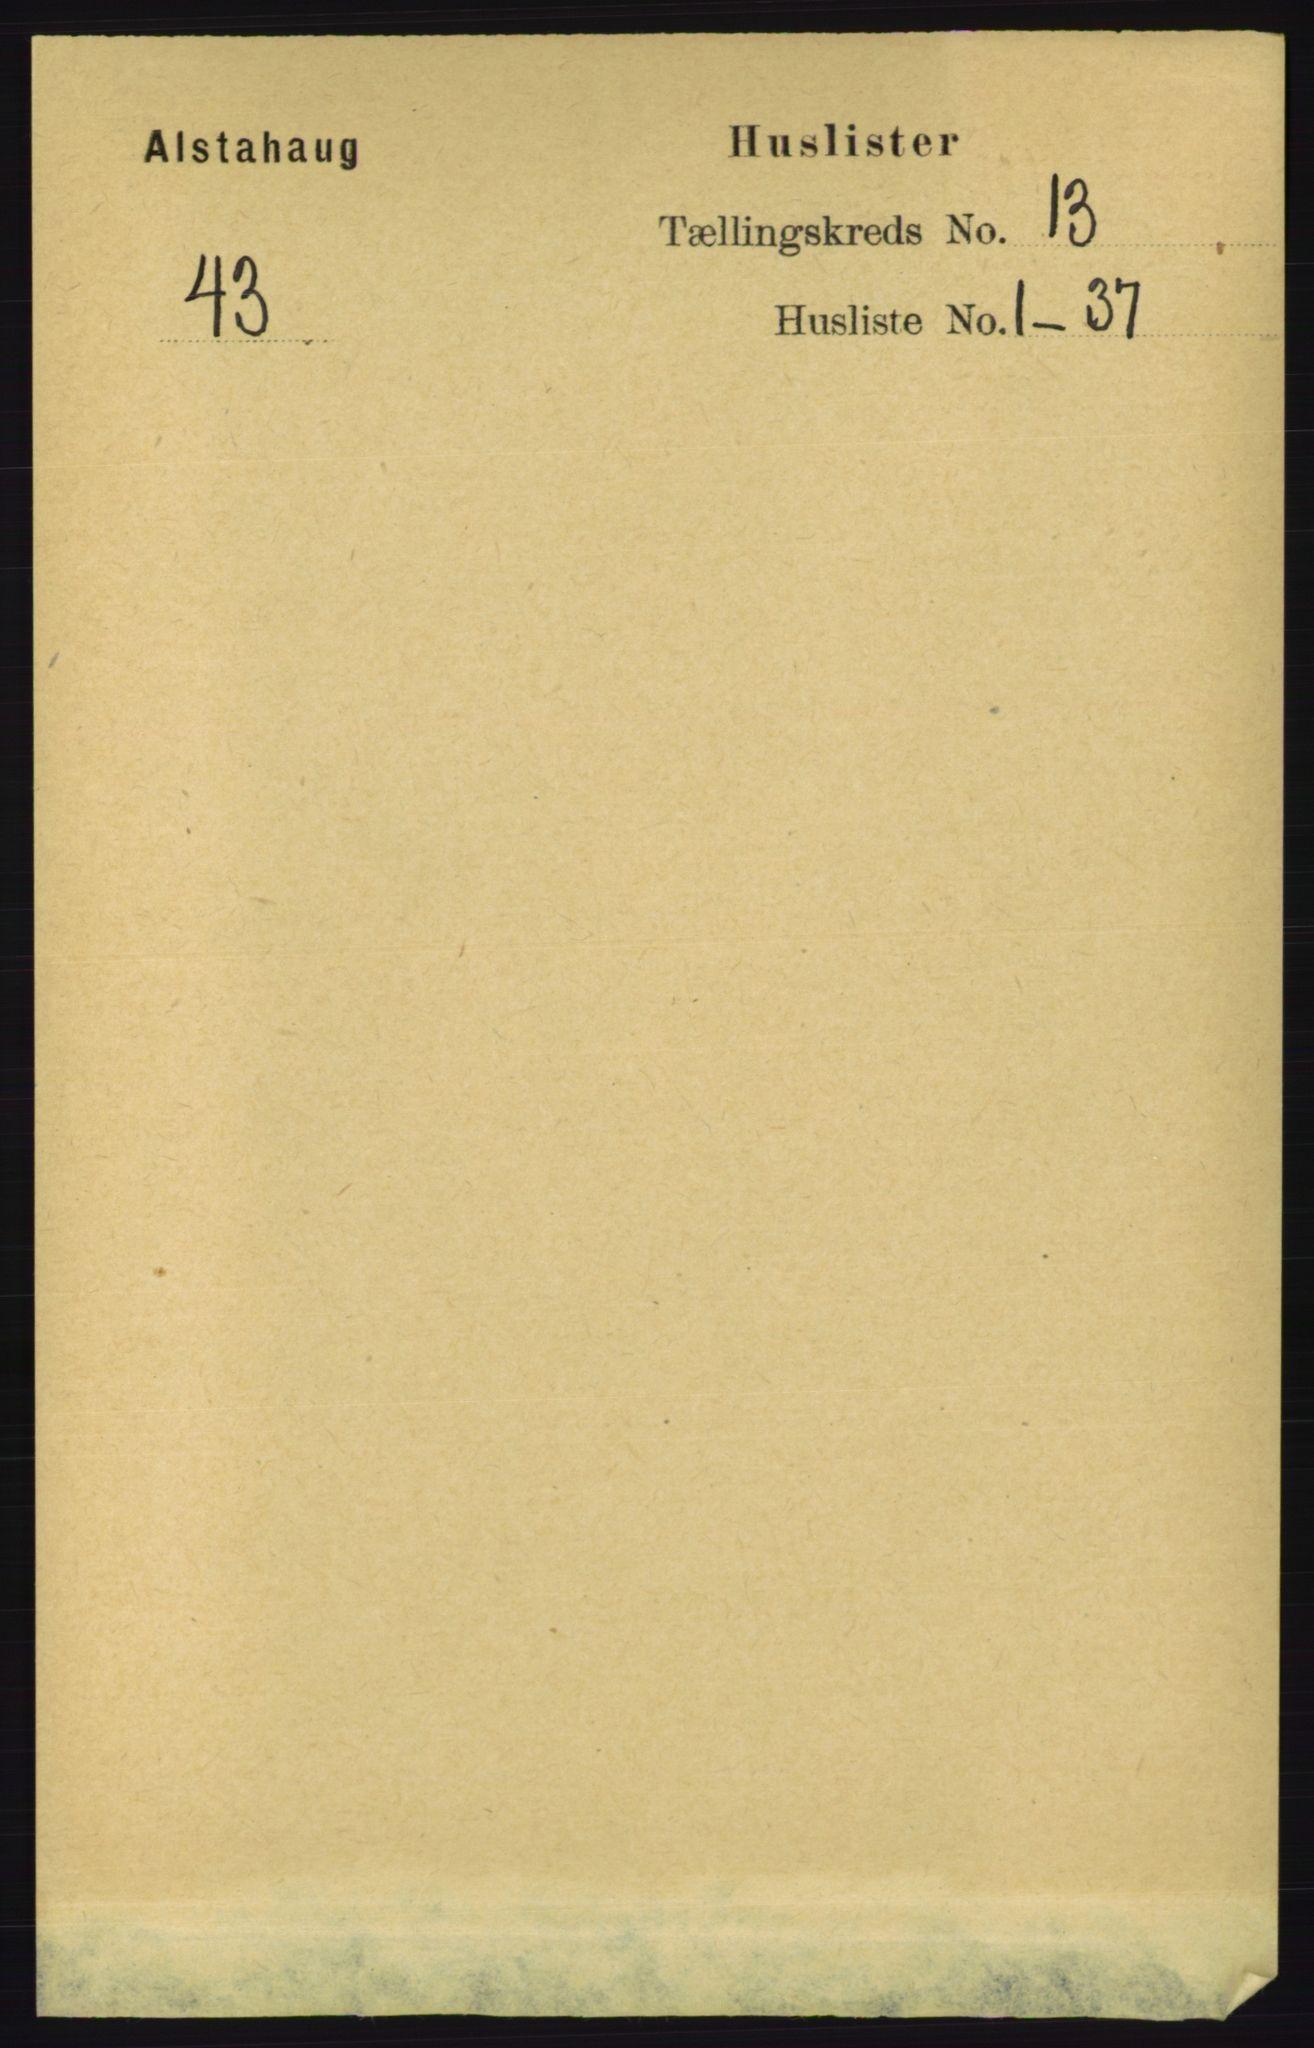 RA, Folketelling 1891 for 1820 Alstahaug herred, 1891, s. 4617